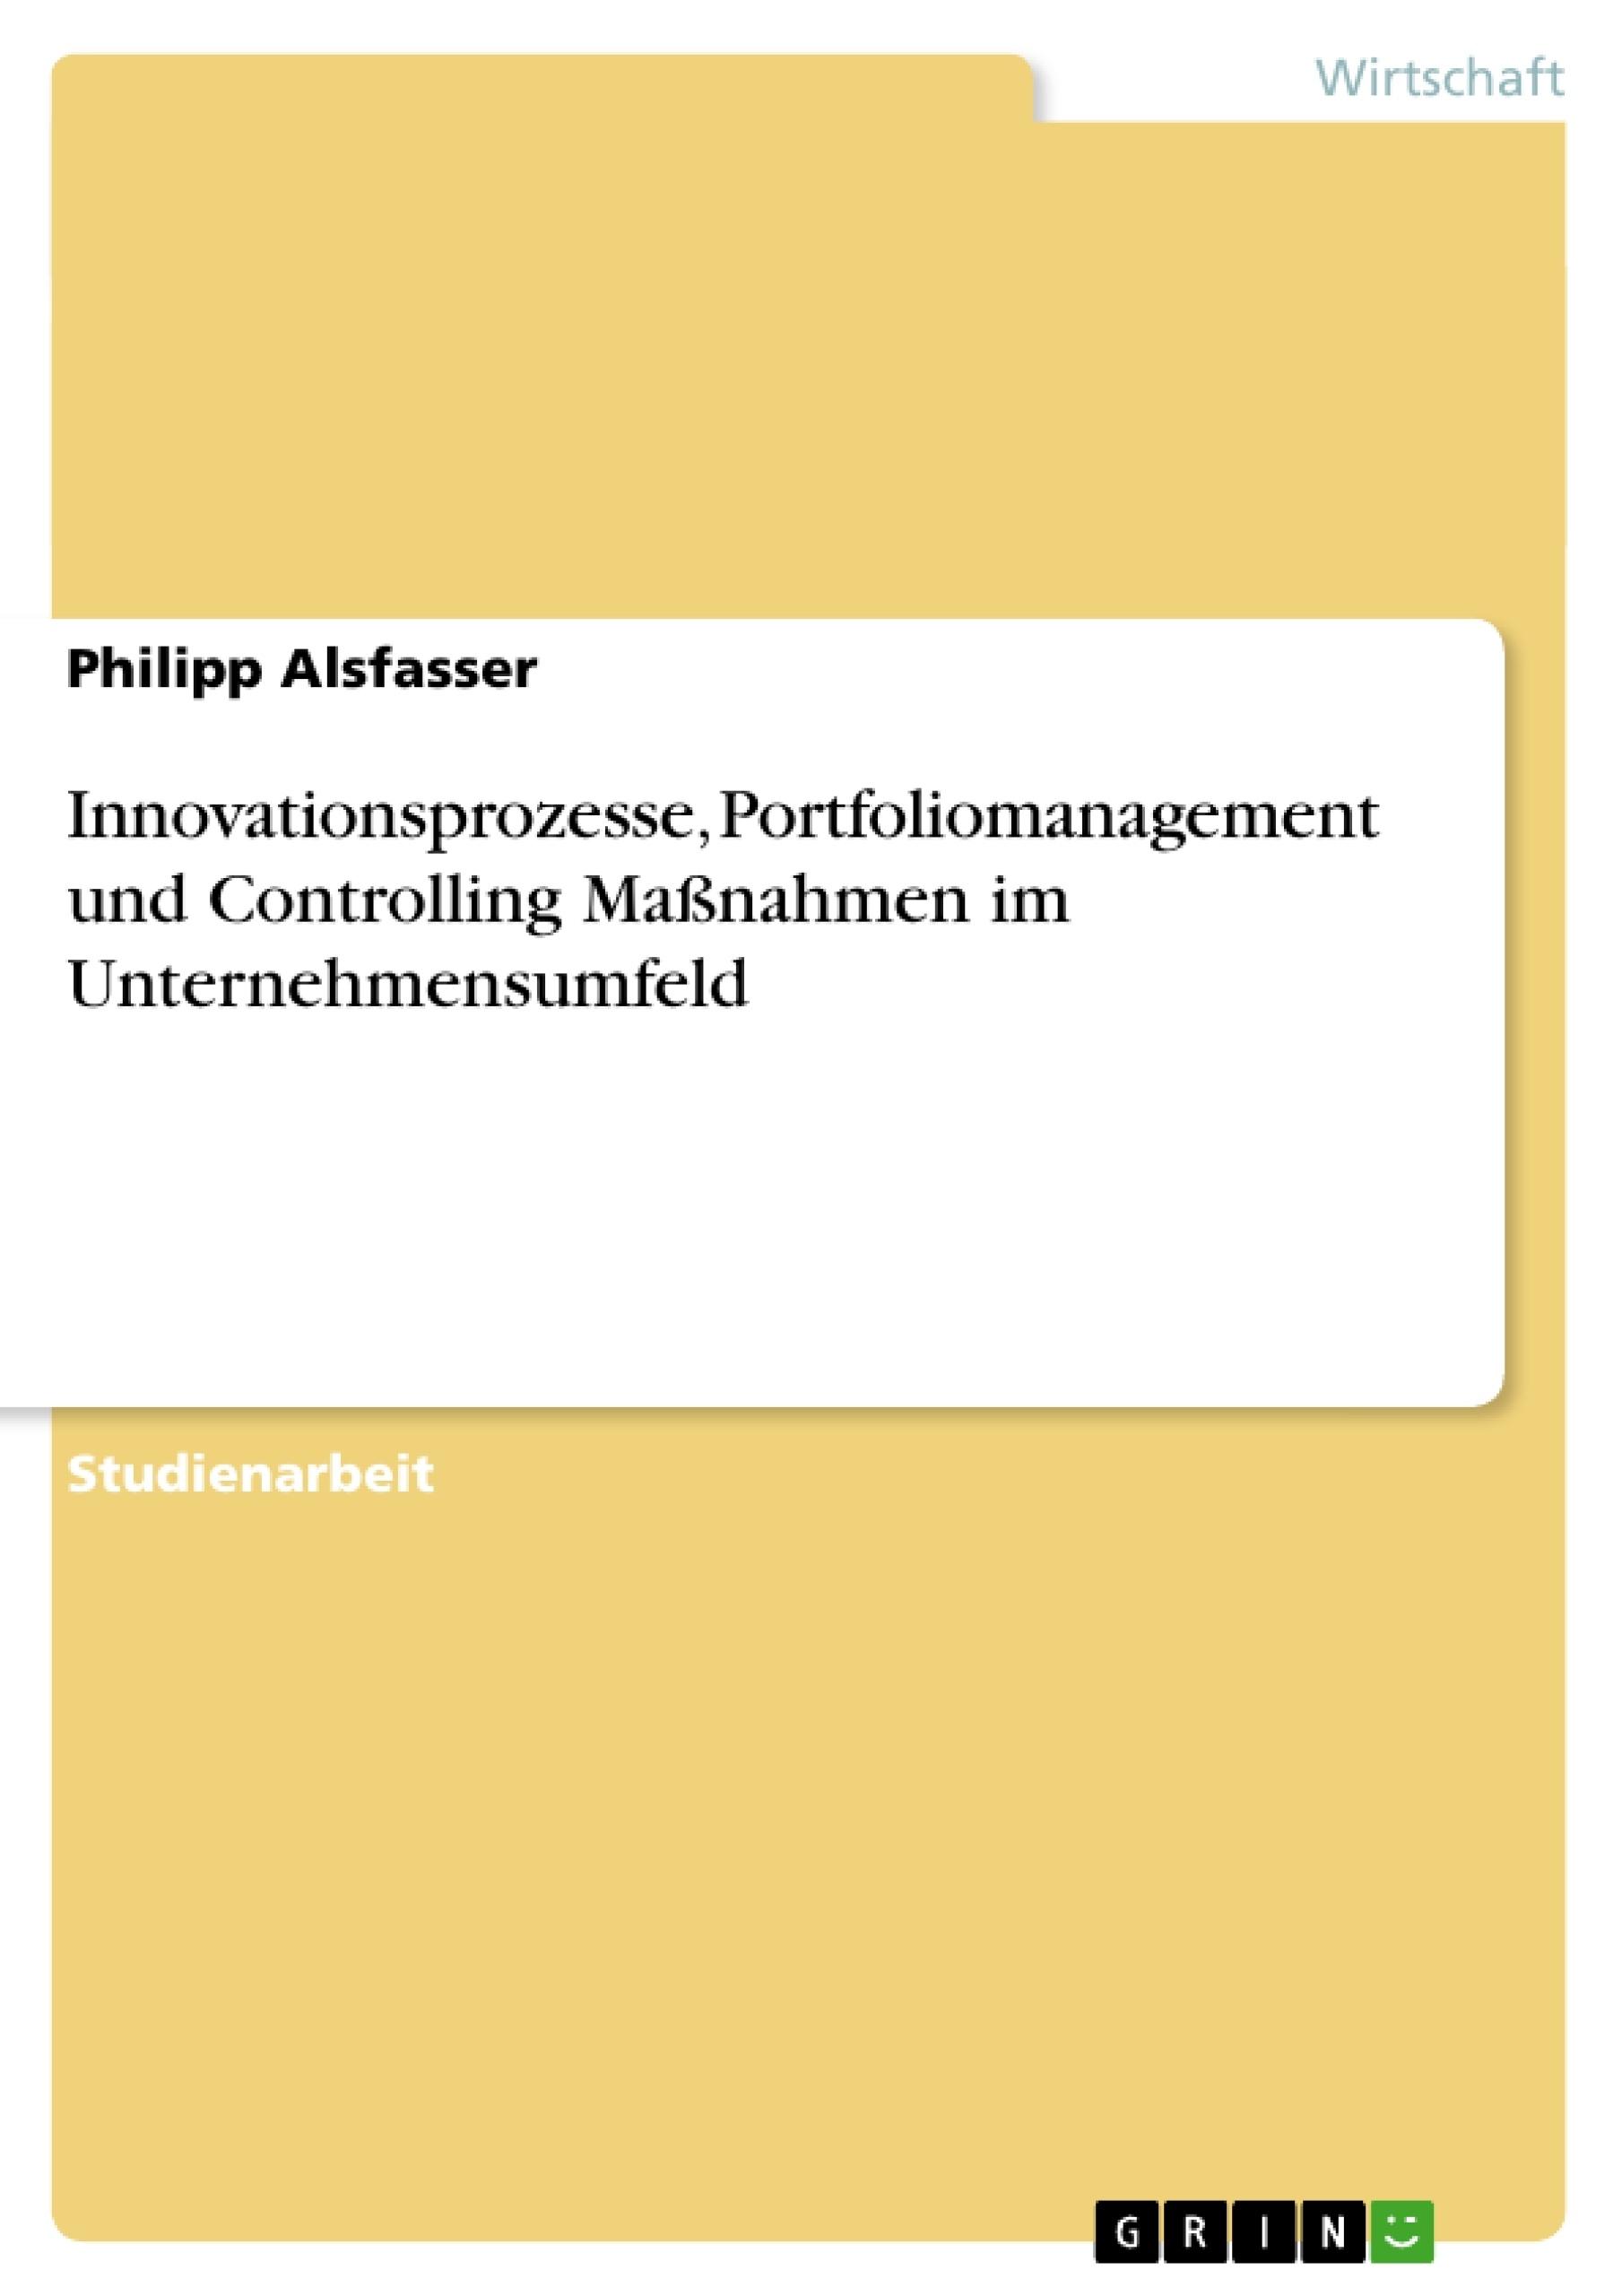 Titel: Innovationsprozesse, Portfoliomanagement und Controlling Maßnahmen im Unternehmensumfeld